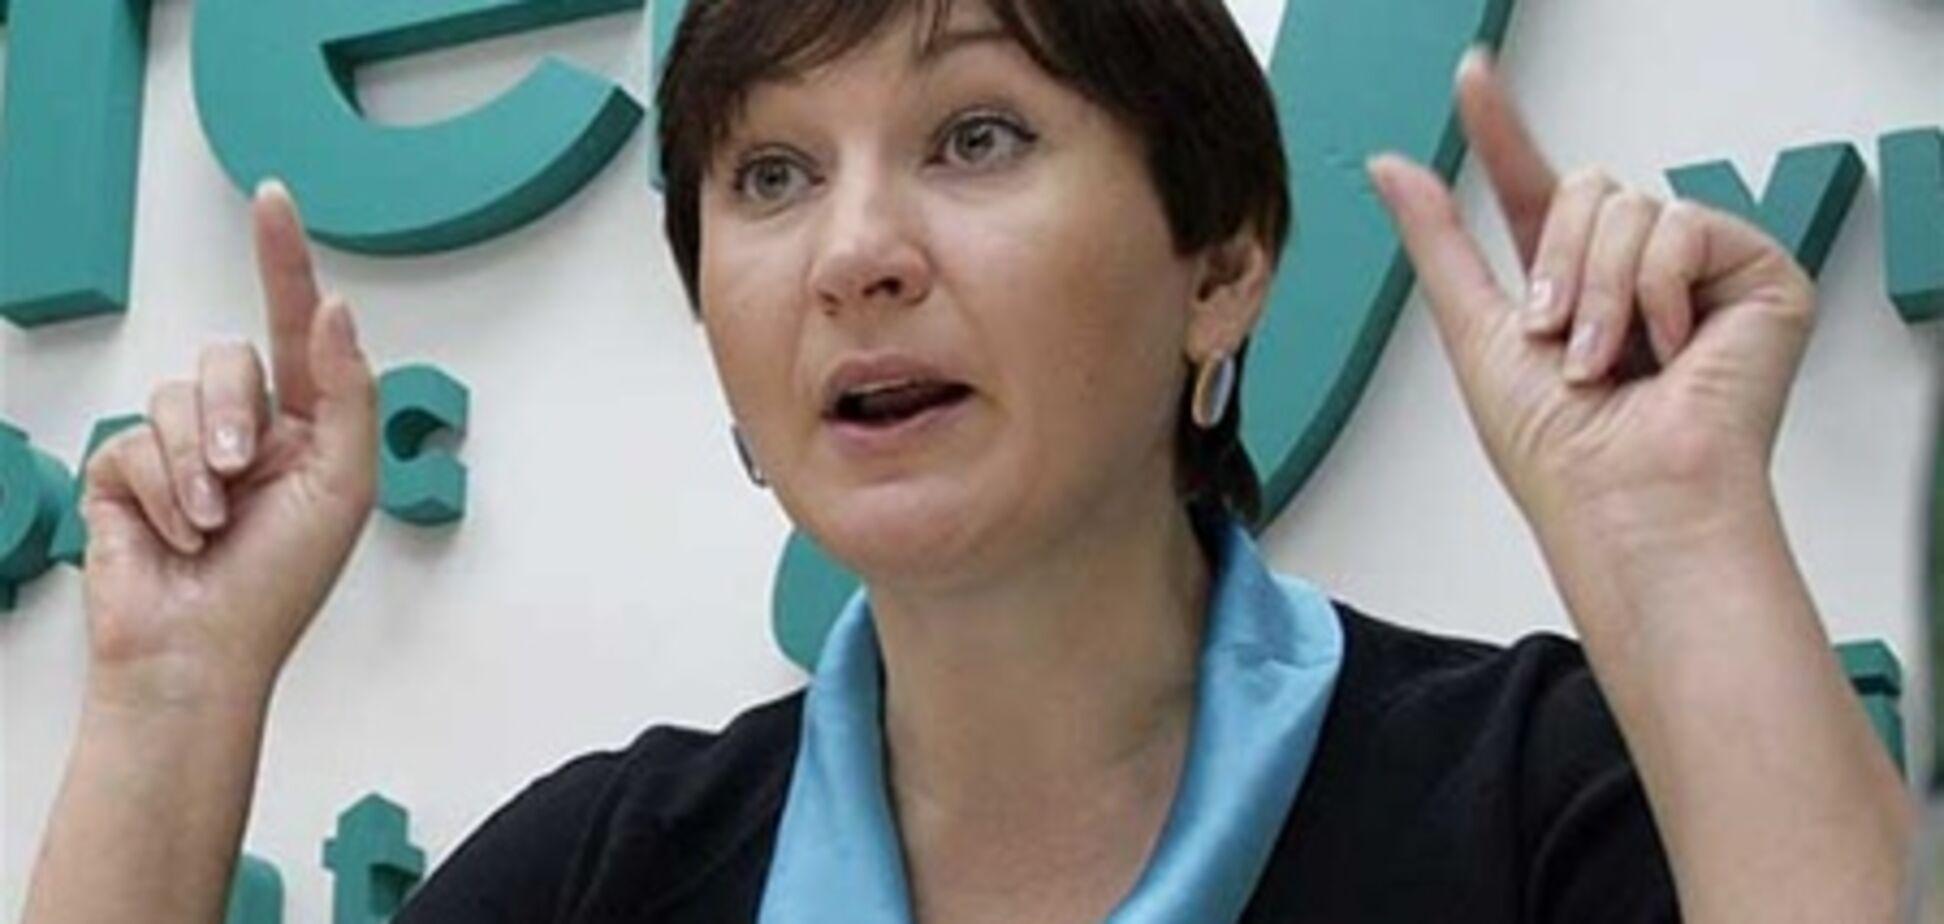 Теличенко: до конца года суд не будет браться за дело Пукача